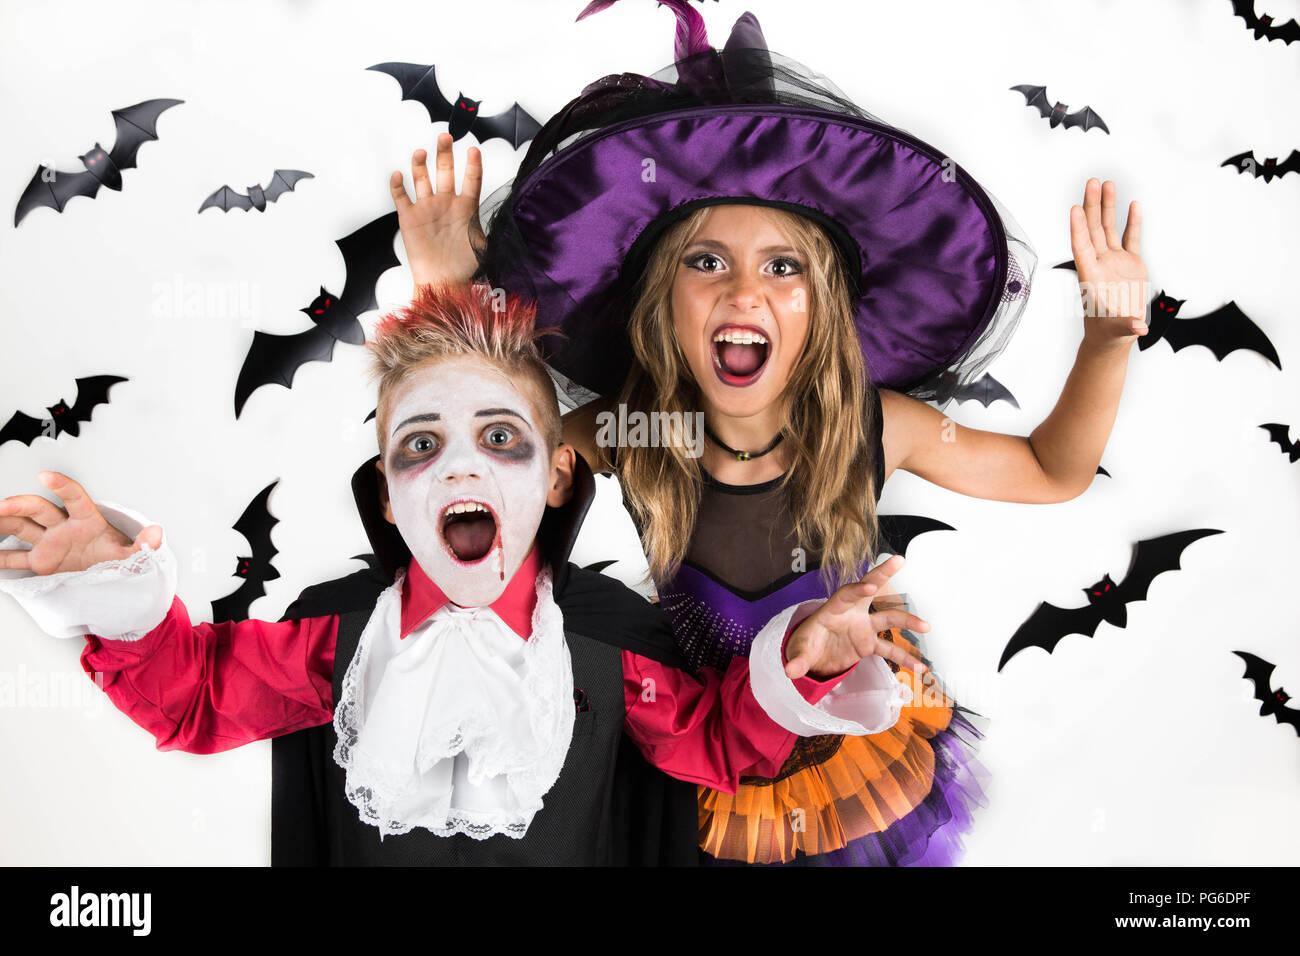 Trick or Treat! Asustar a los niños de personas en la noche de Halloween para ganar dulces según la tradición Imagen De Stock